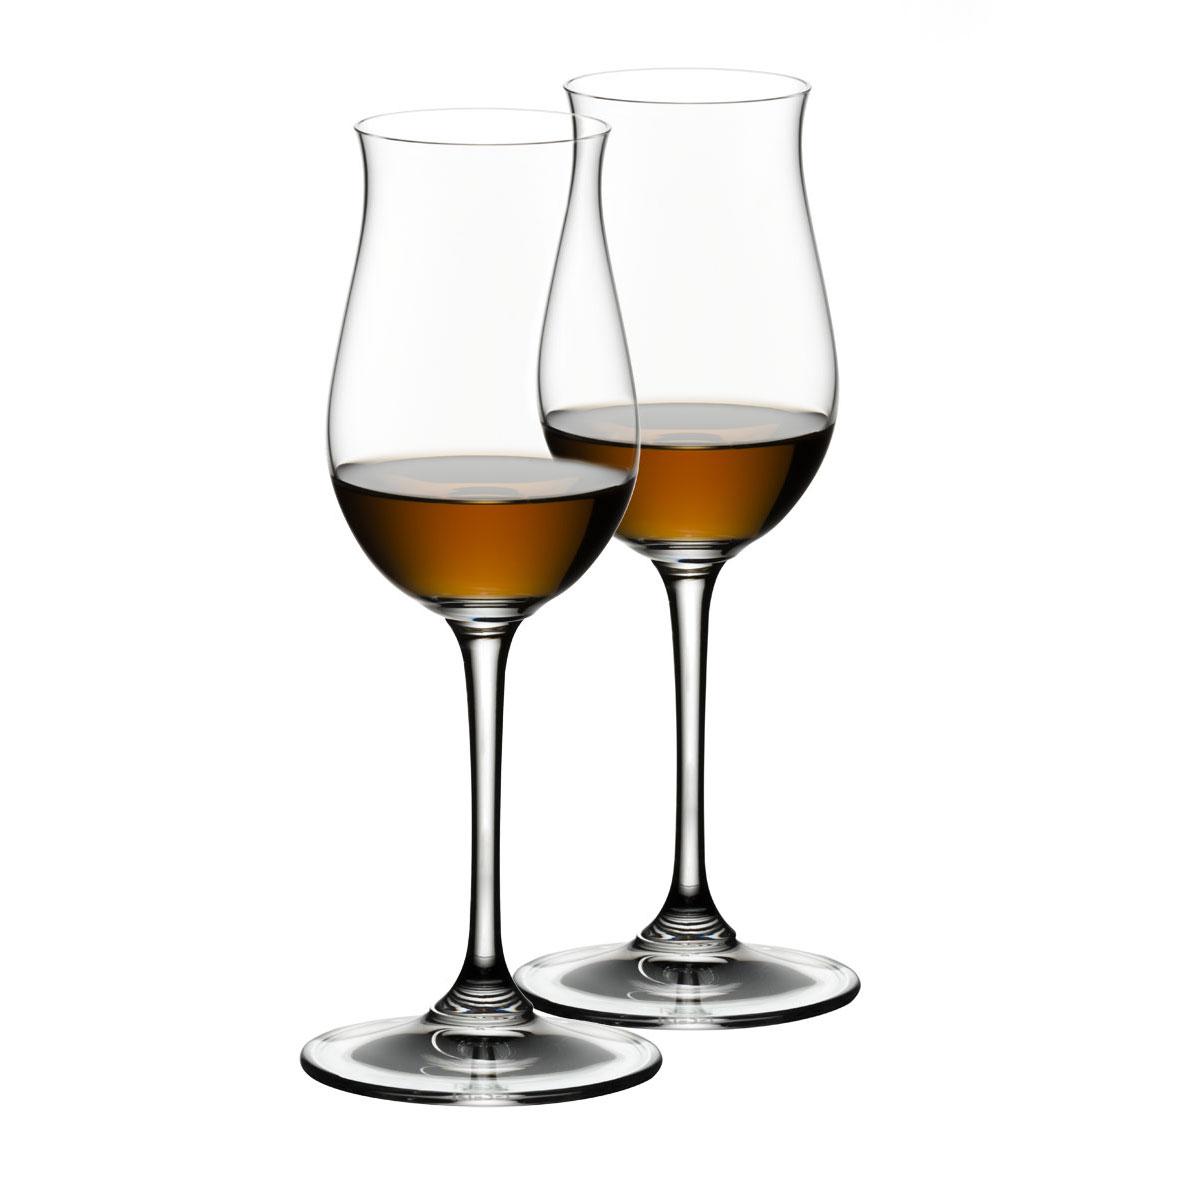 Riedel Vinum, Cognac Hennessy Glasses, Pair